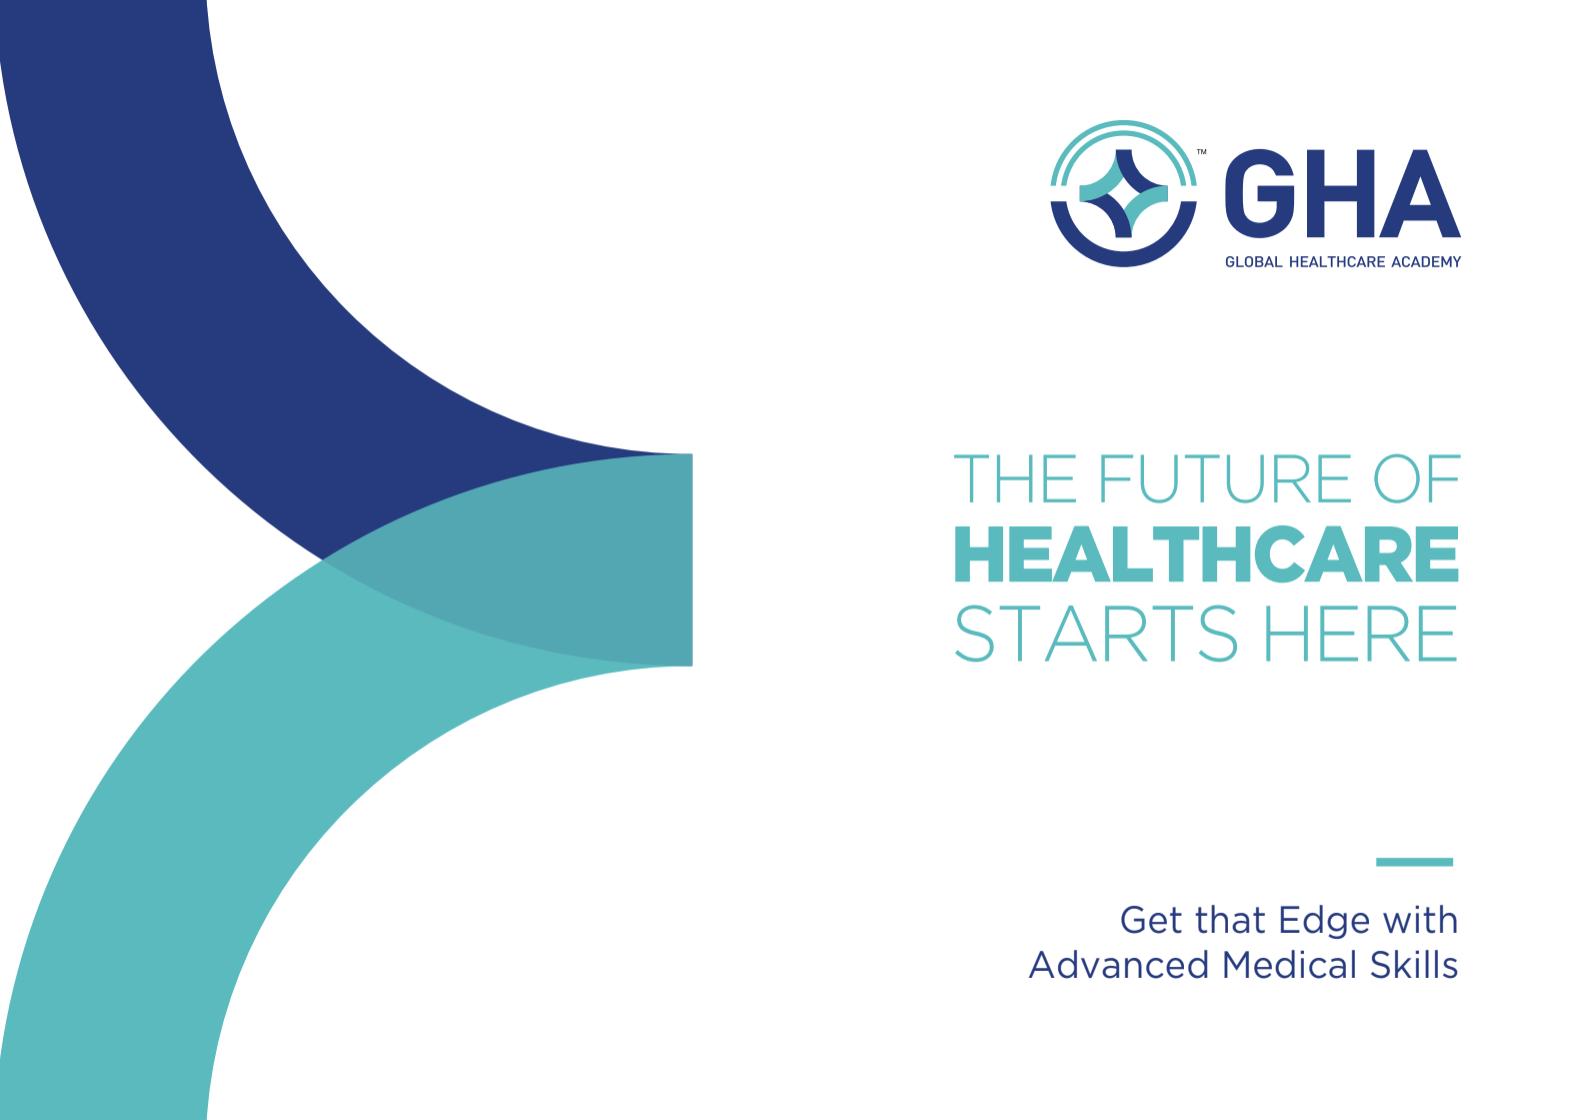 Global Healthcare Academy (GHA)